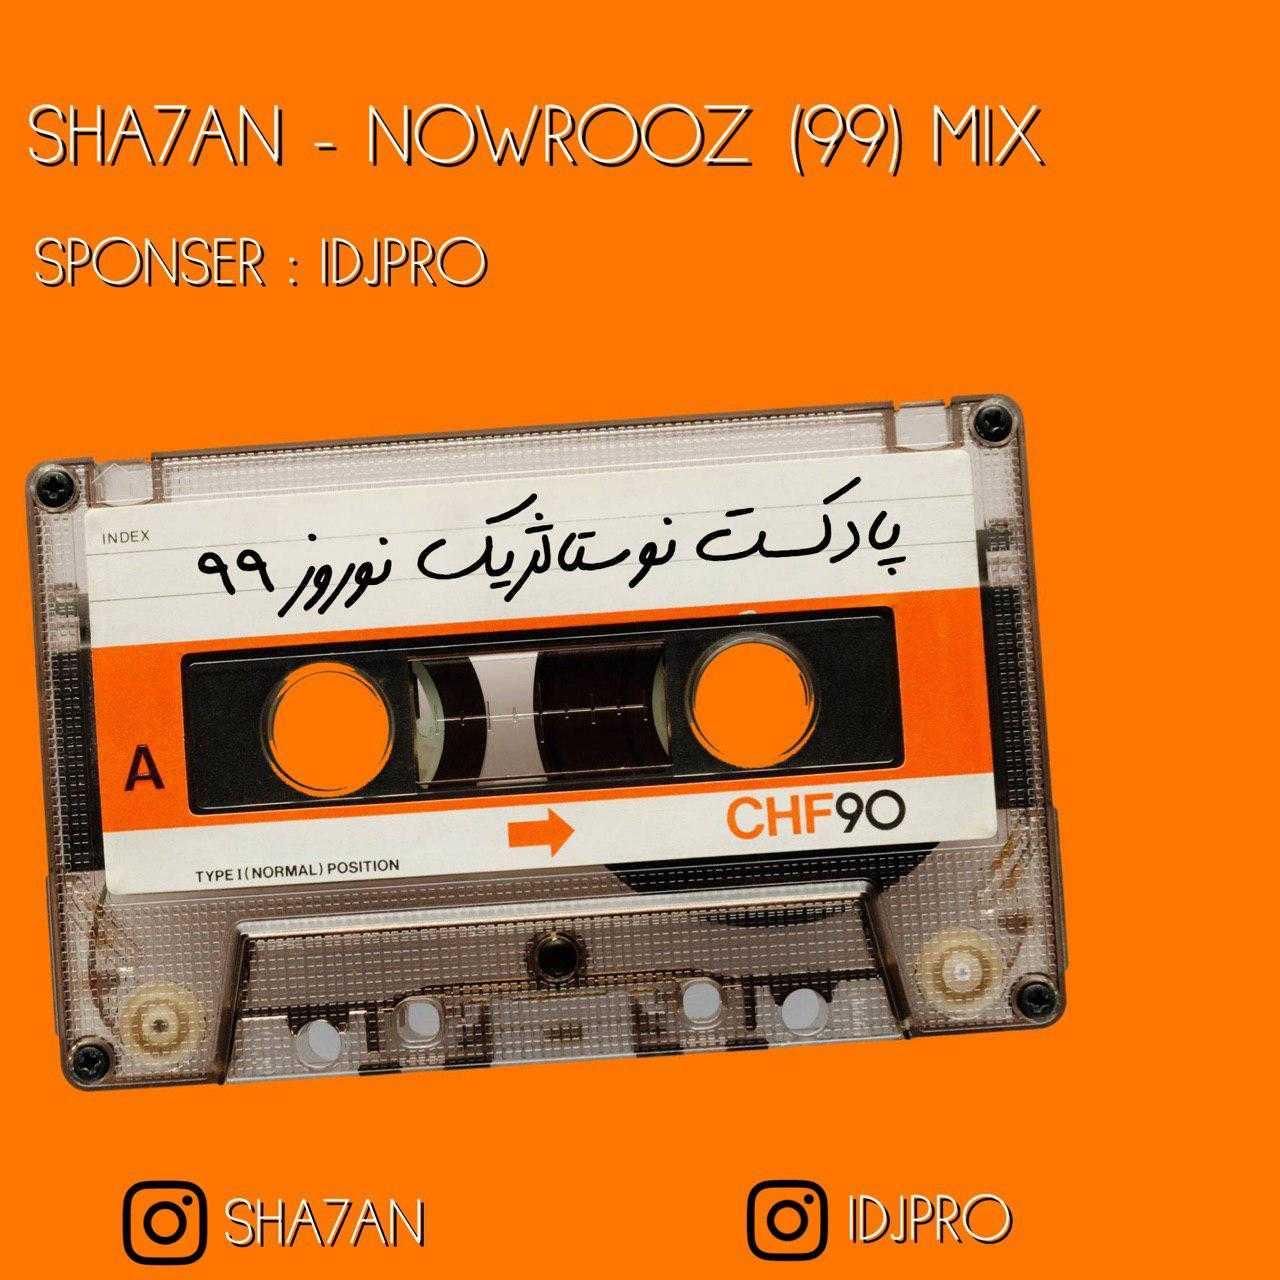 دانلود آهنگ جدید Sha7an به نام نوروز میکس 1399